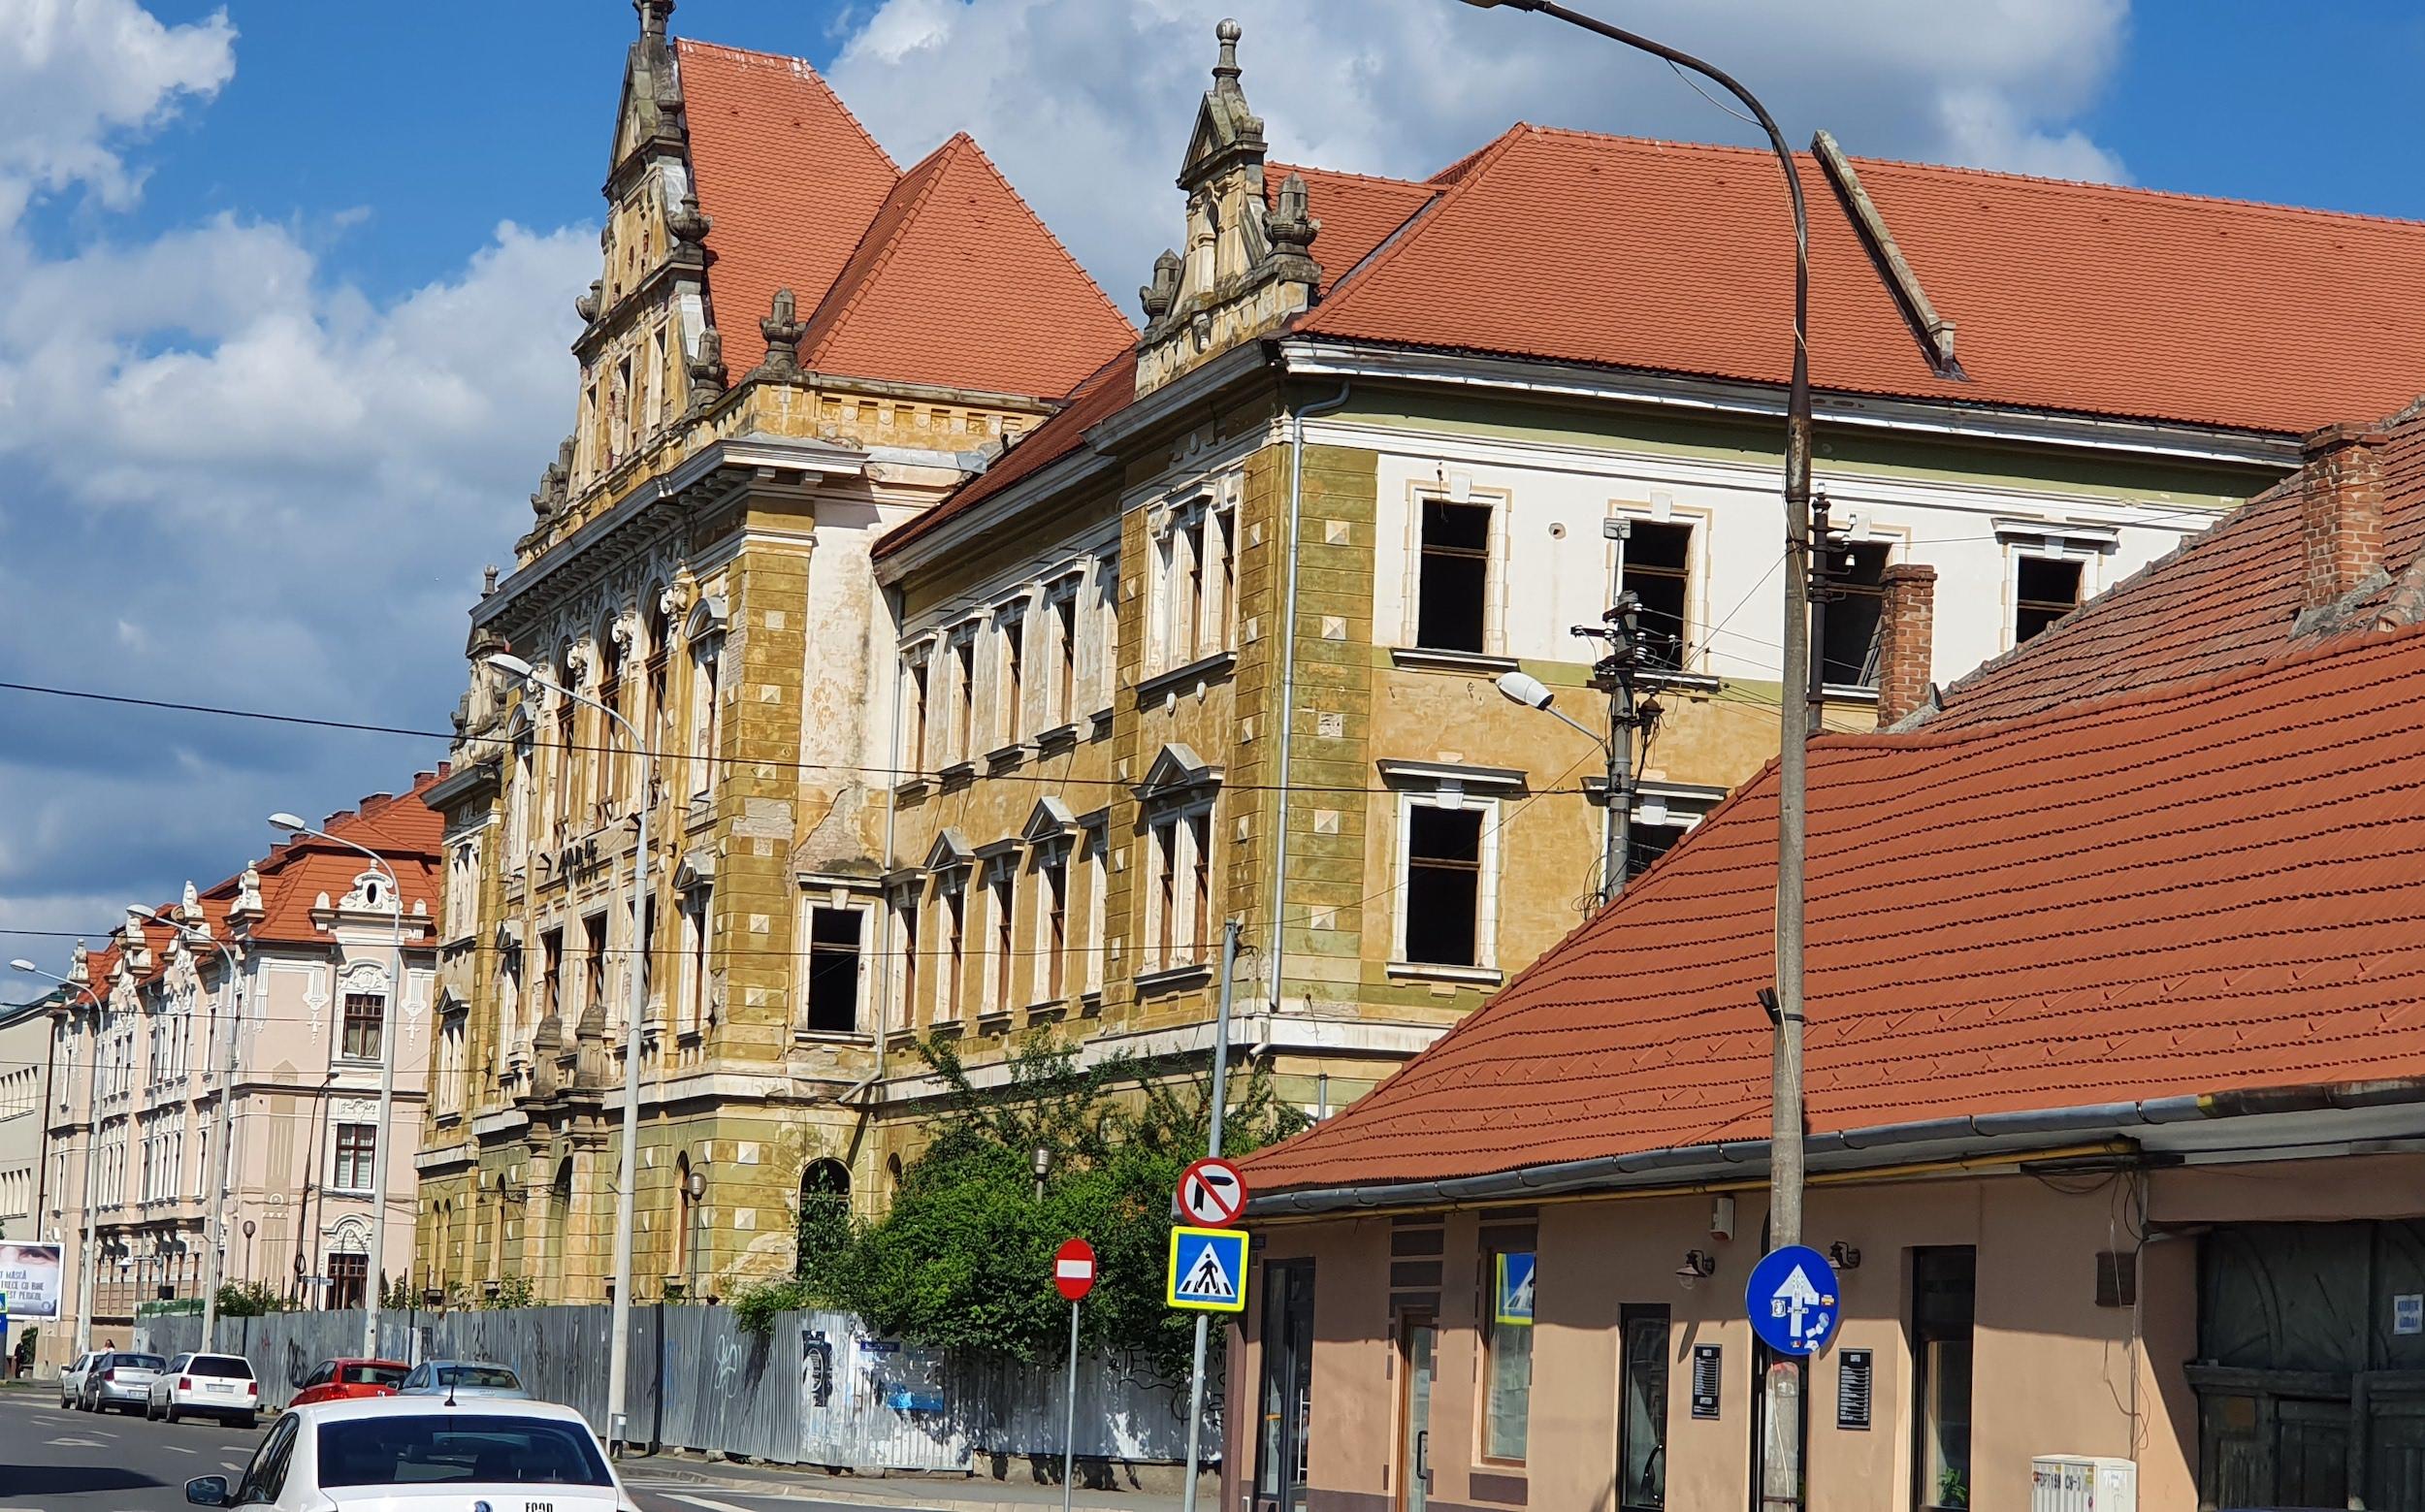 un bărbat din Sibiu cauta femei din Cluj-Napoca caut femei divortate vranje